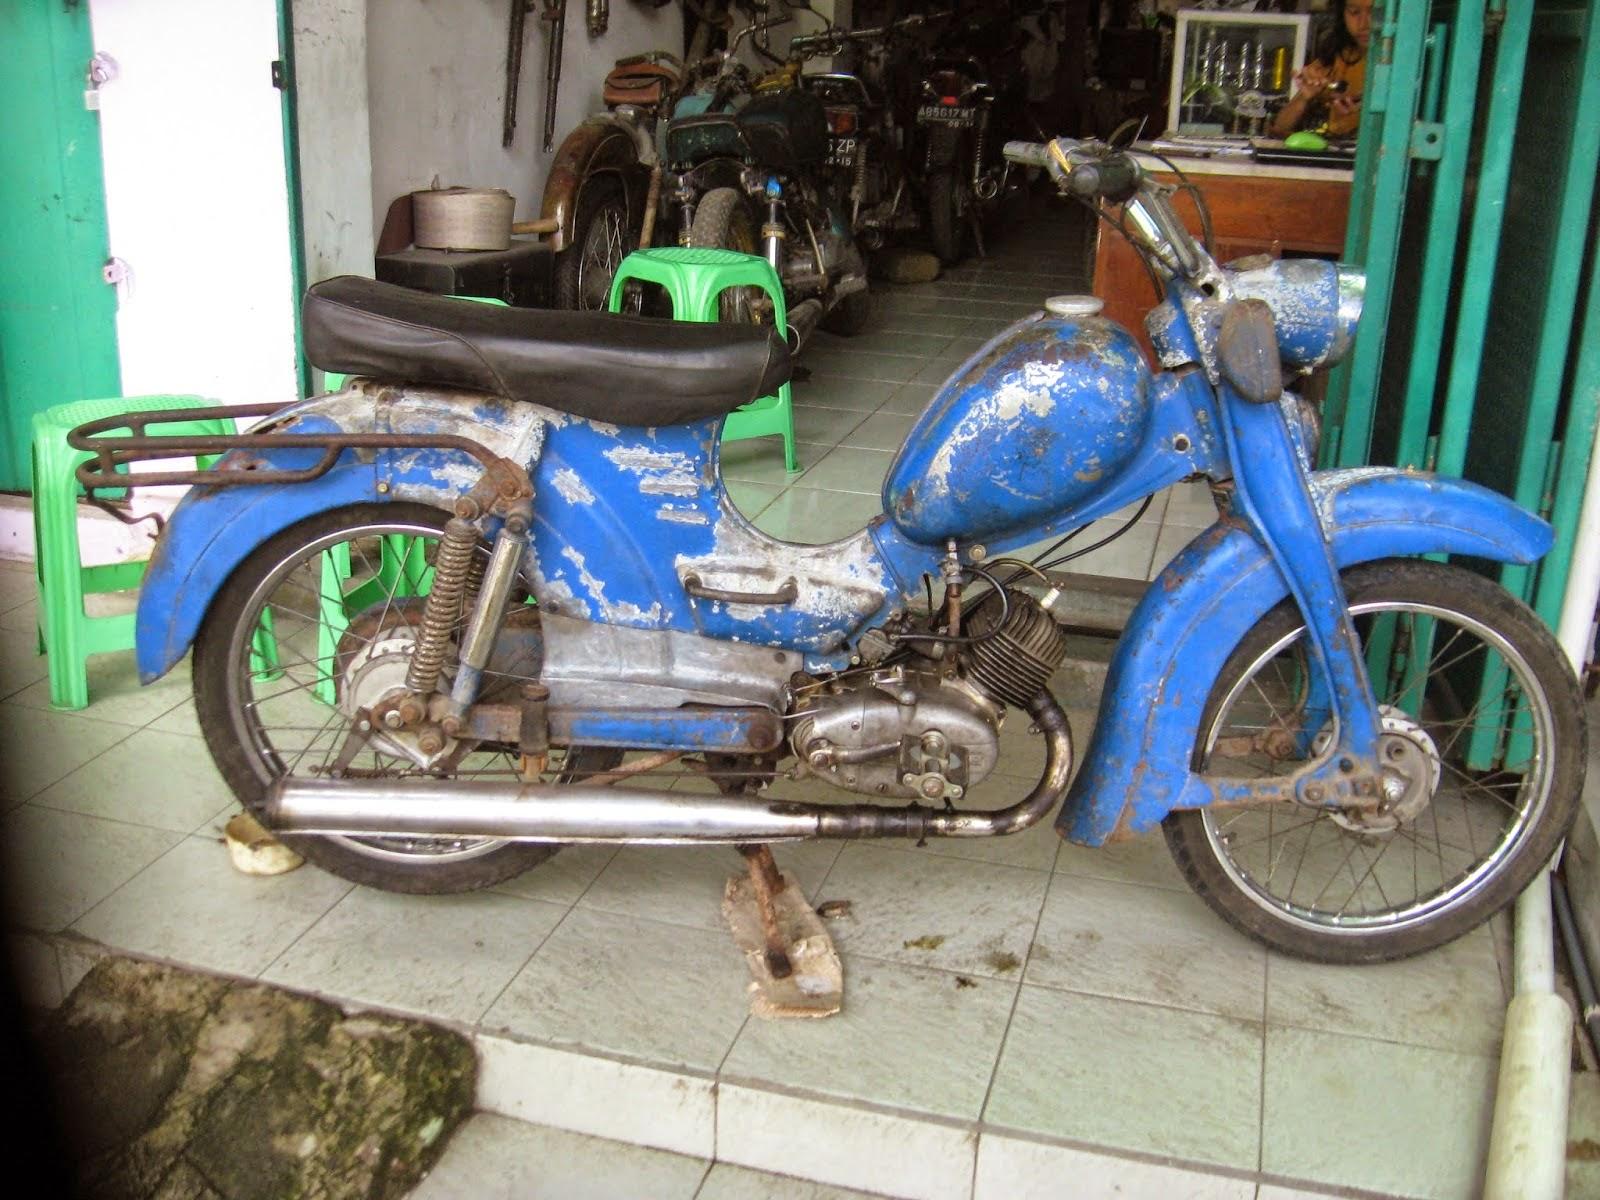 Dijual Motor Sepeda Antik ZUNDAPP 61 - PURWODADI - LAPAK